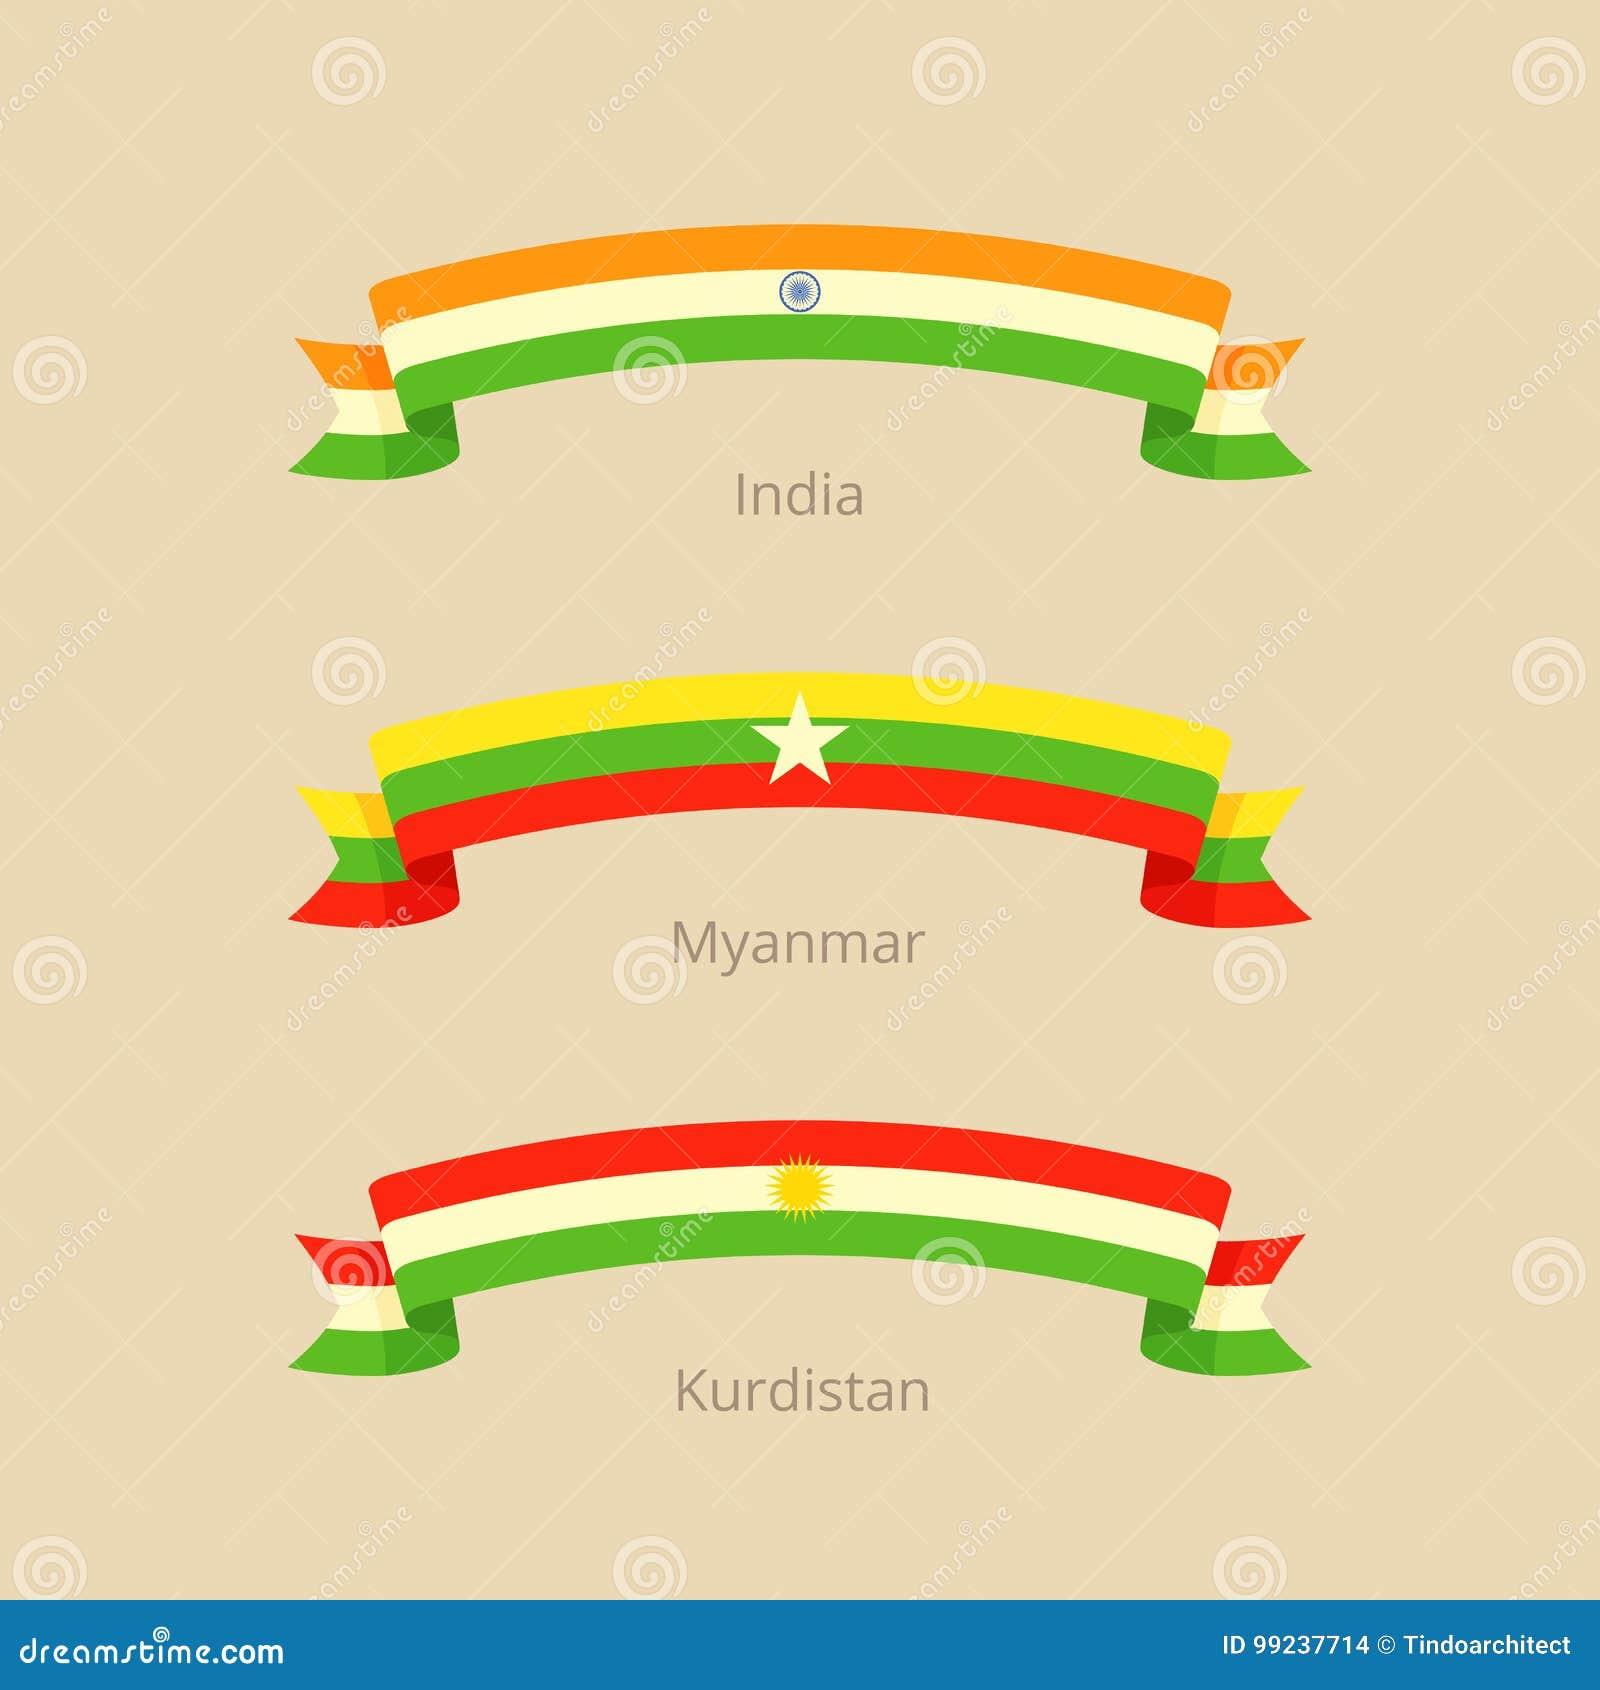 Cinta Con La Bandera De La India, De Myanmar Y Del Kurdistan ...